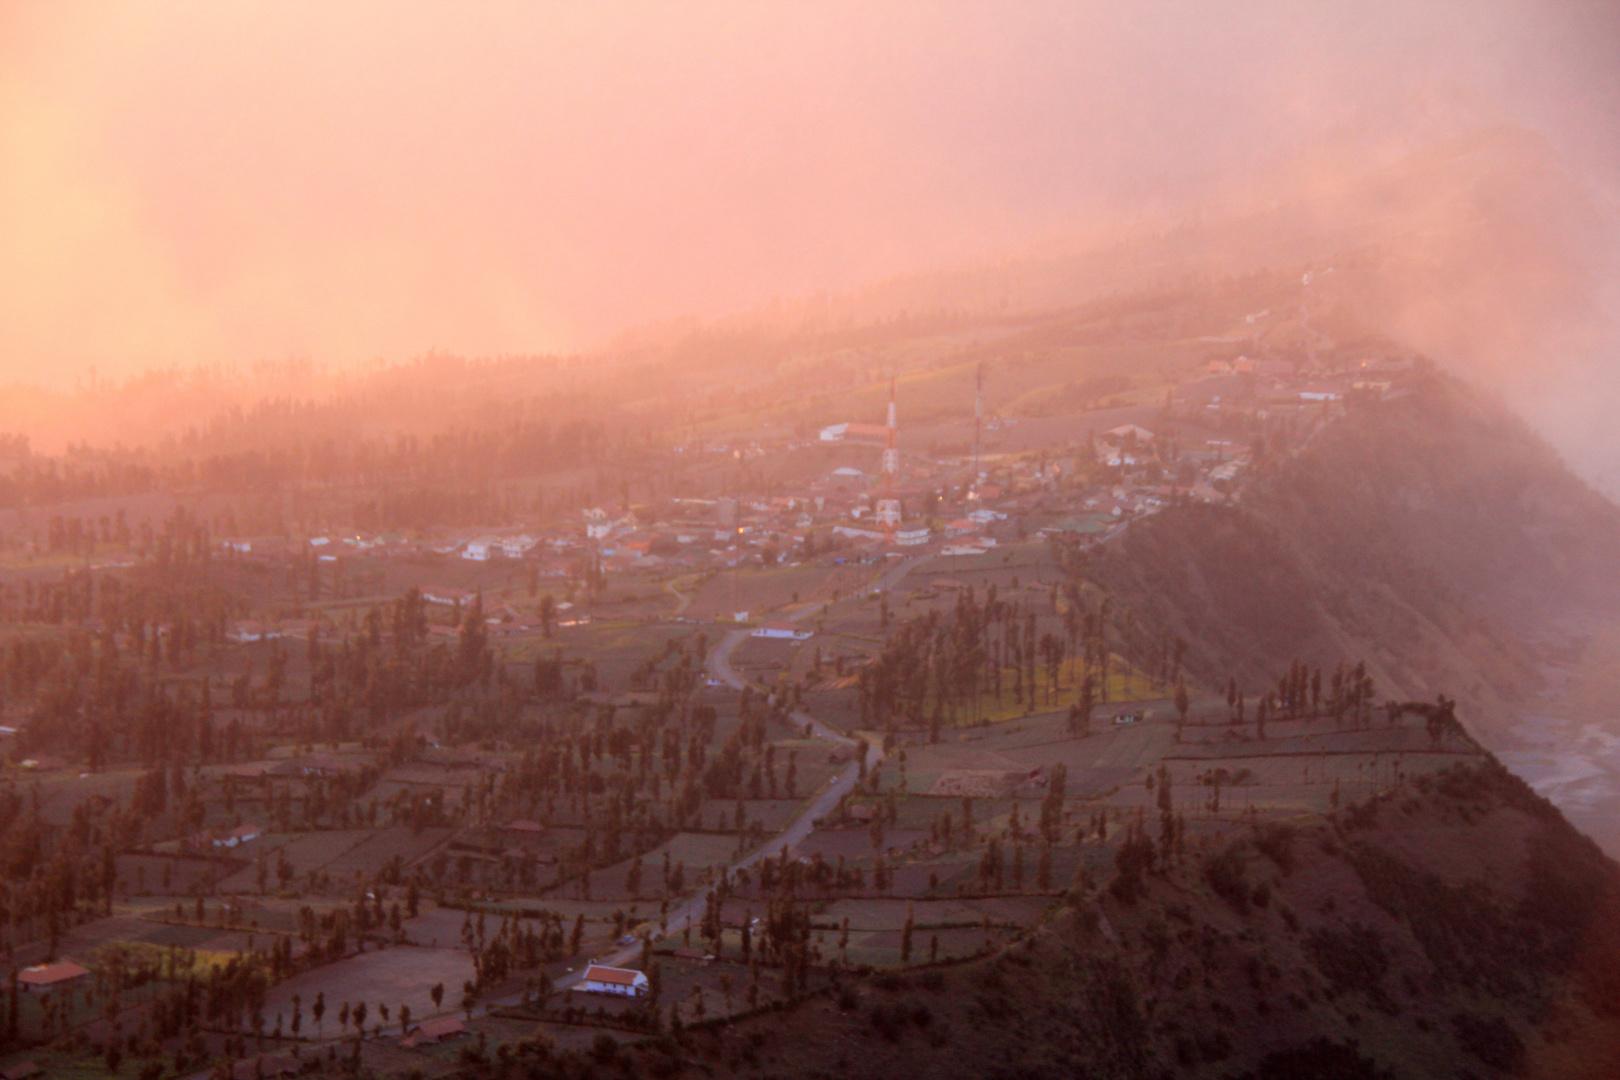 Leben am Rande des Vulkans